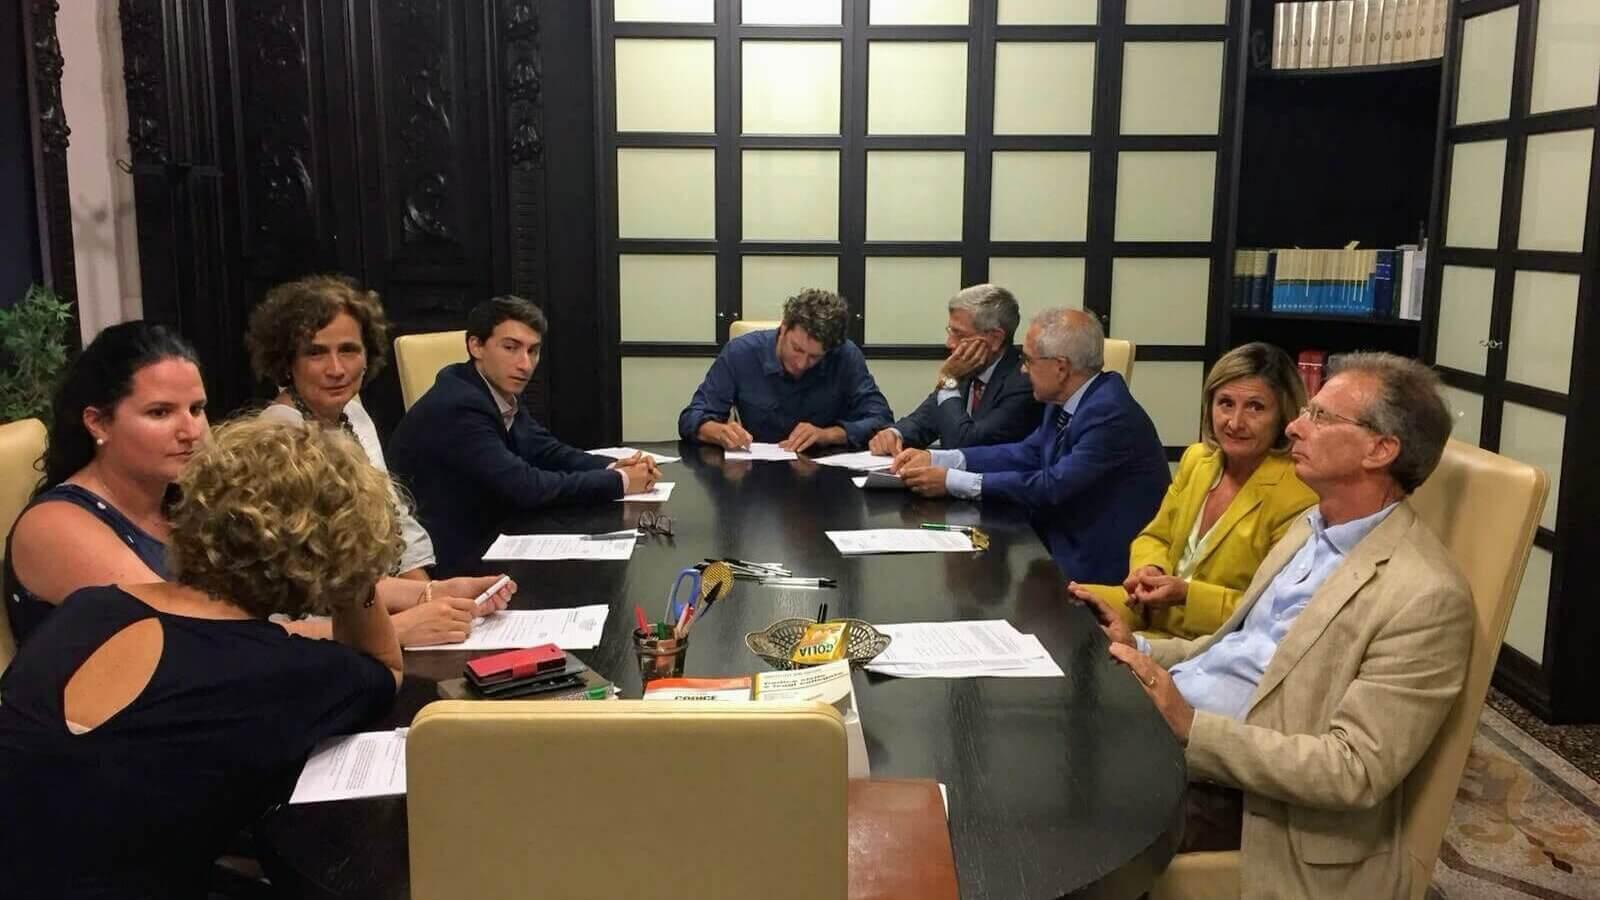 Fondazione Poliedri edited